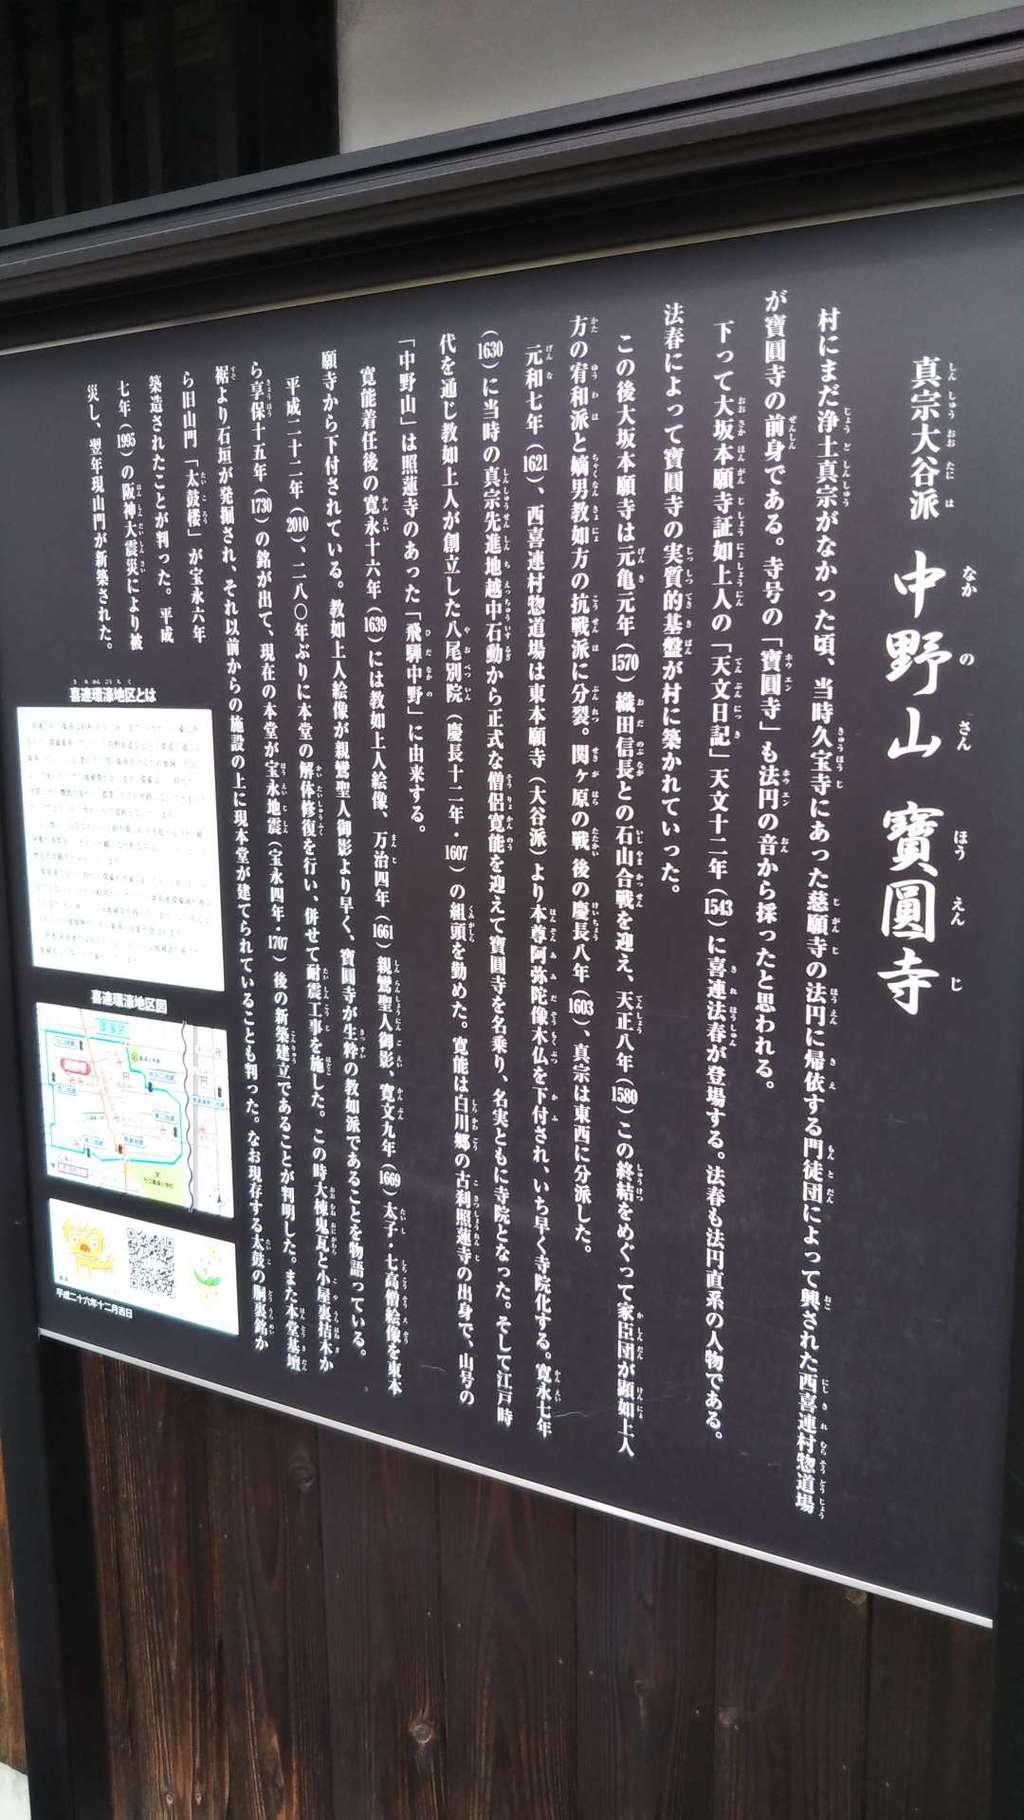 宝圓寺の歴史